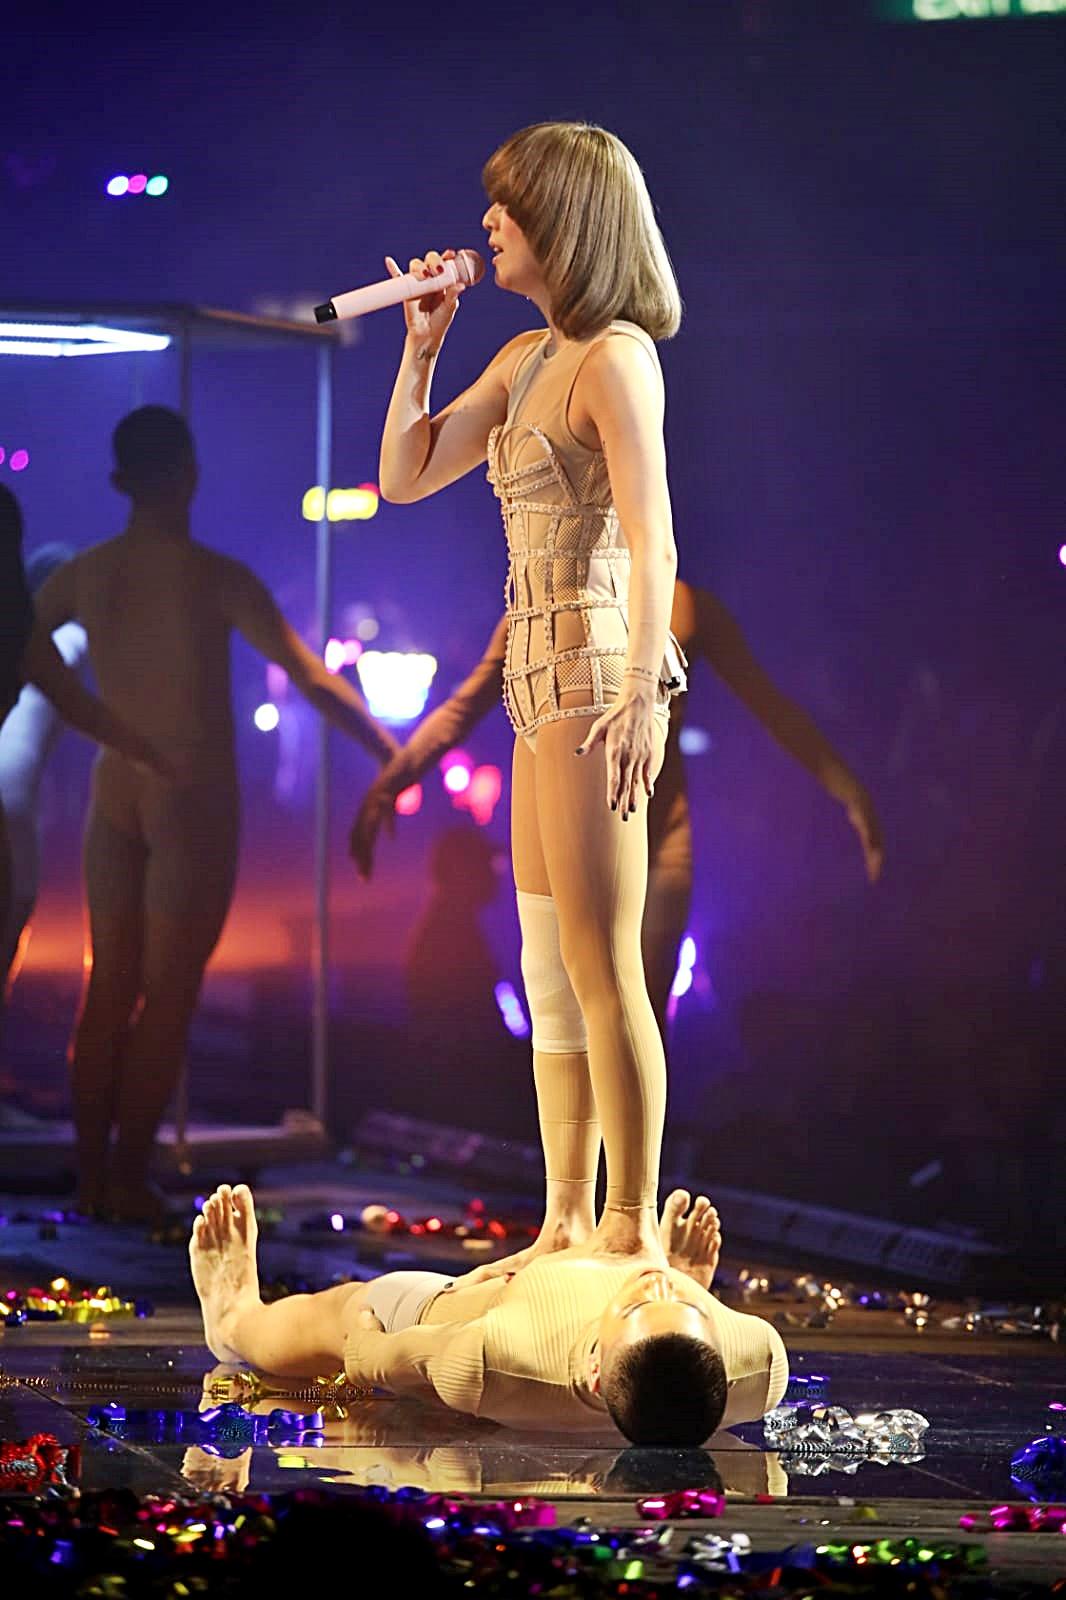 Sammi唱第三首歌時,換上貼身內衣赤腳上台。